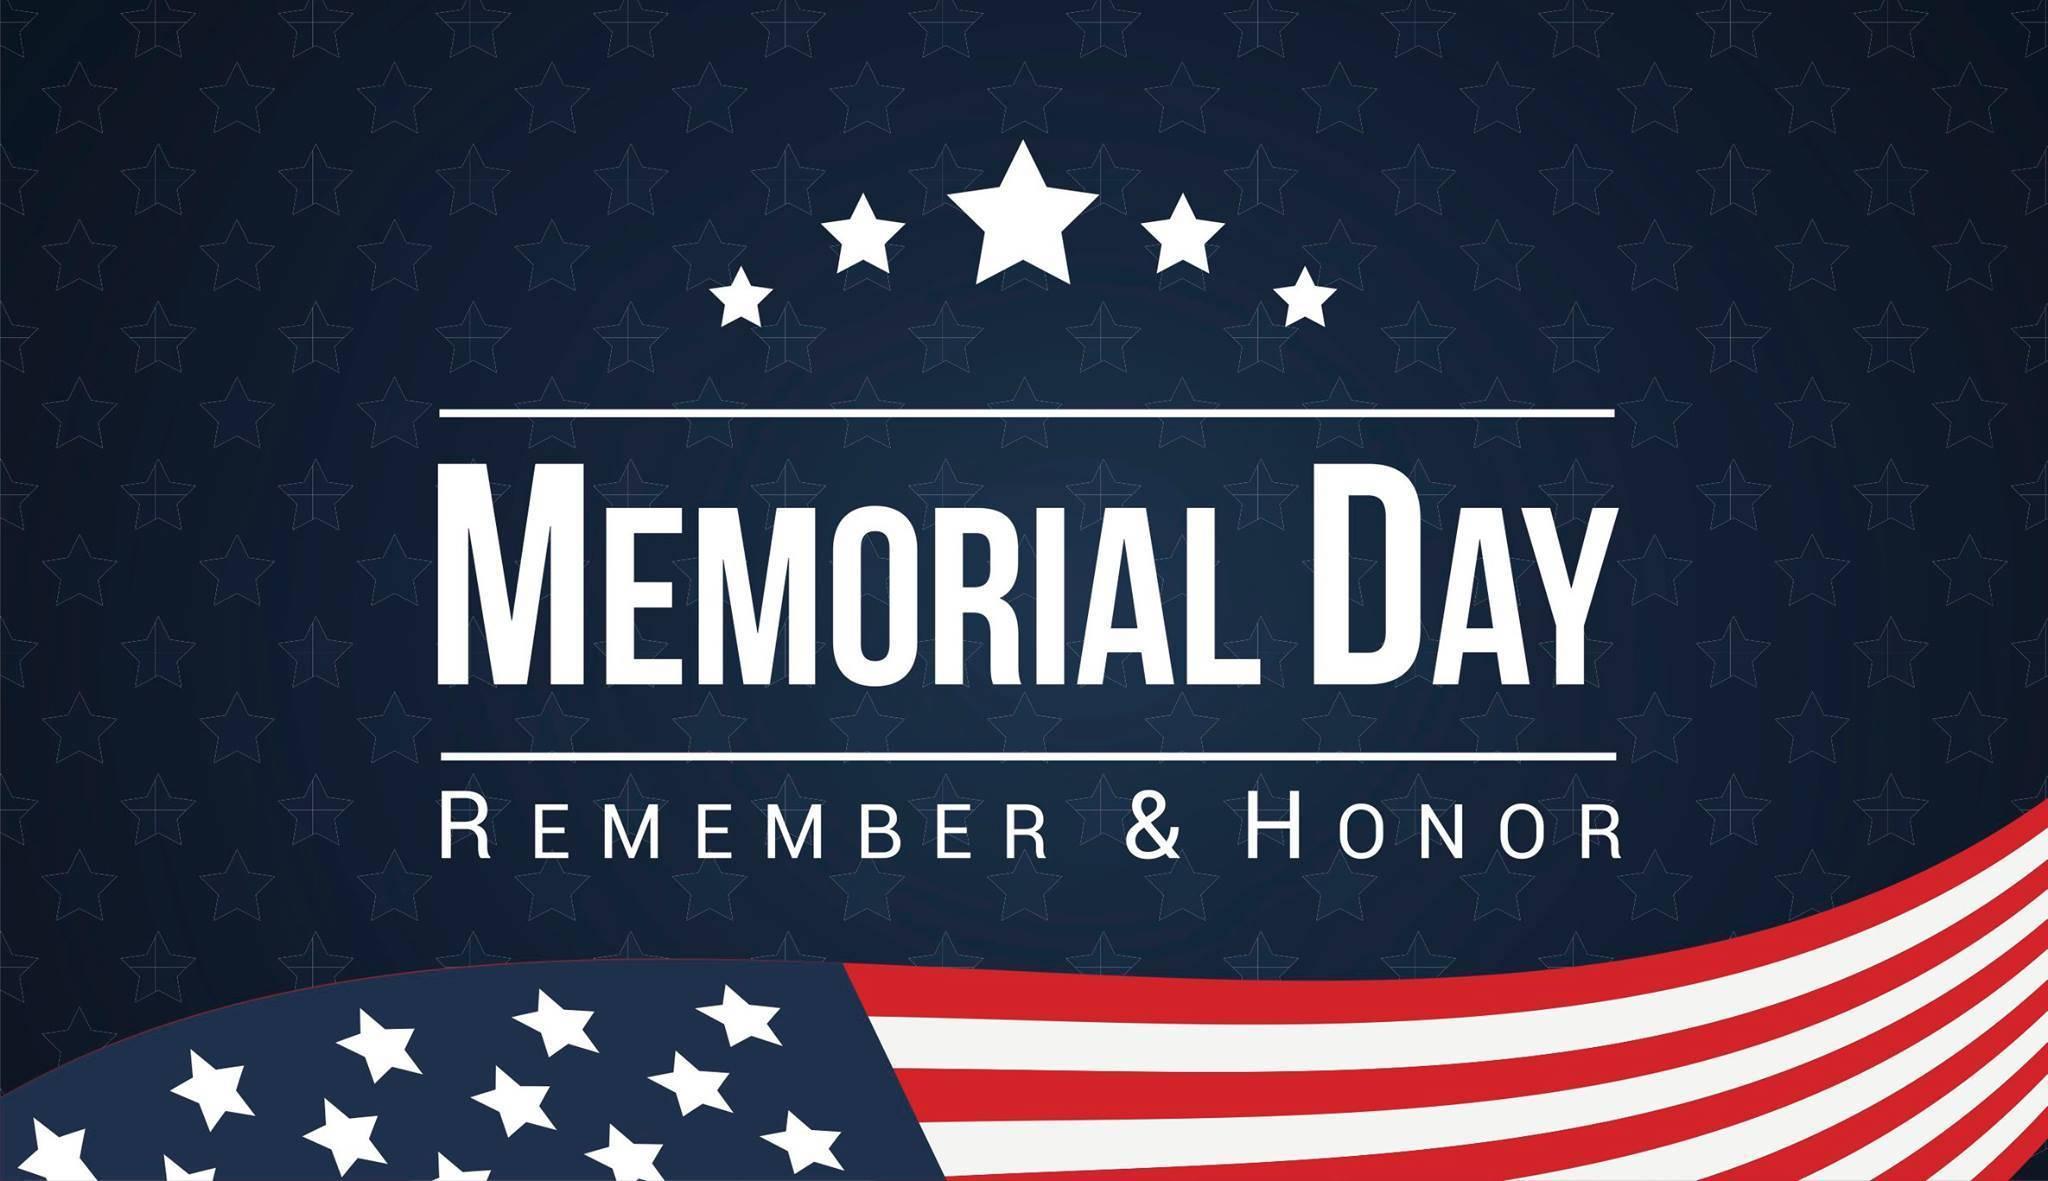 Memorial Day 2021 Date